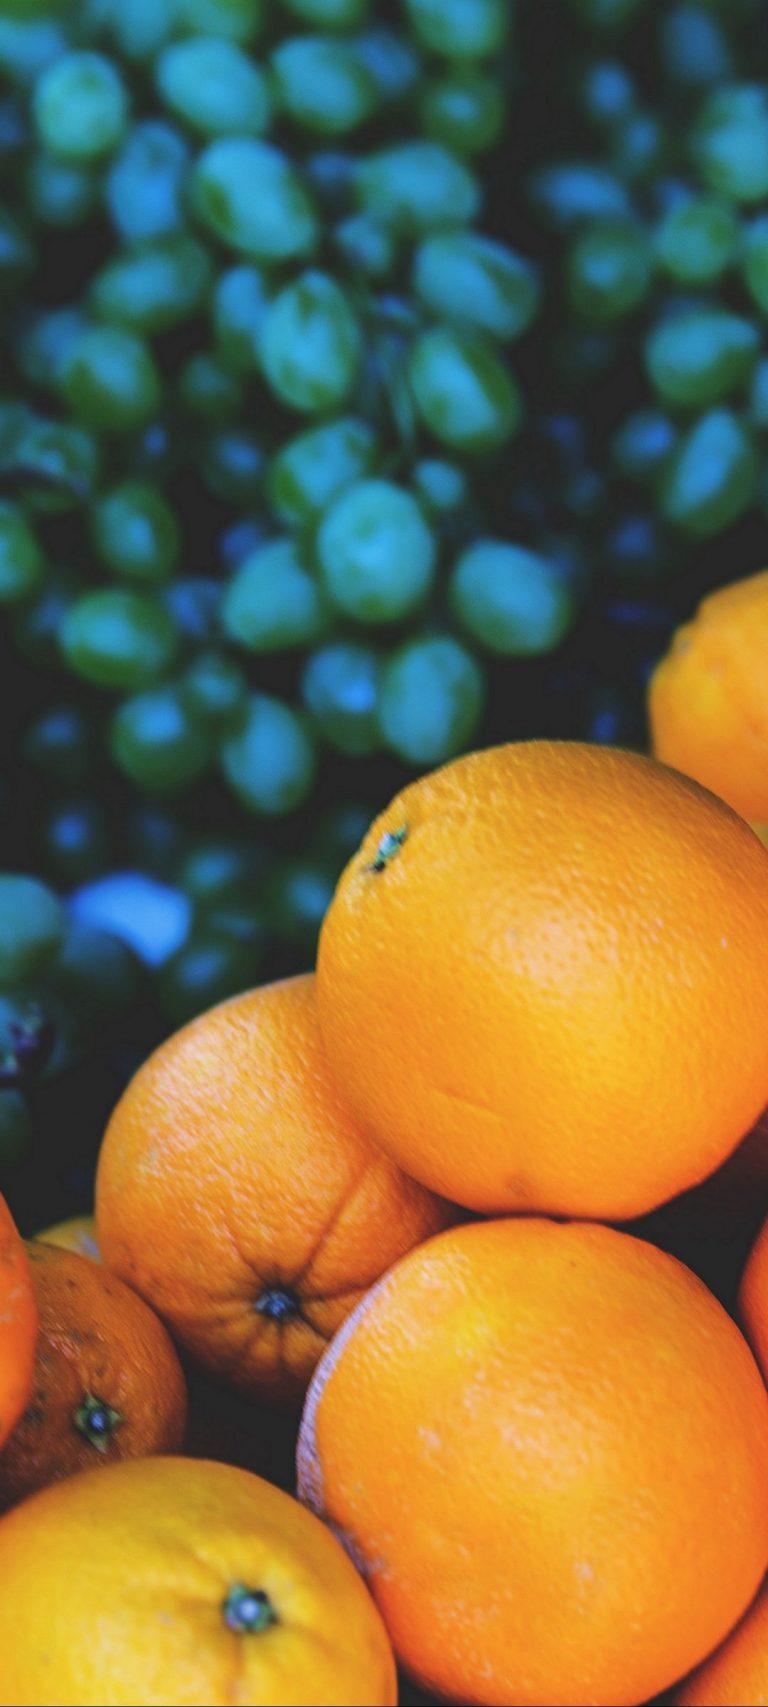 Oranges Grapes Fruit 1080x2400 768x1707